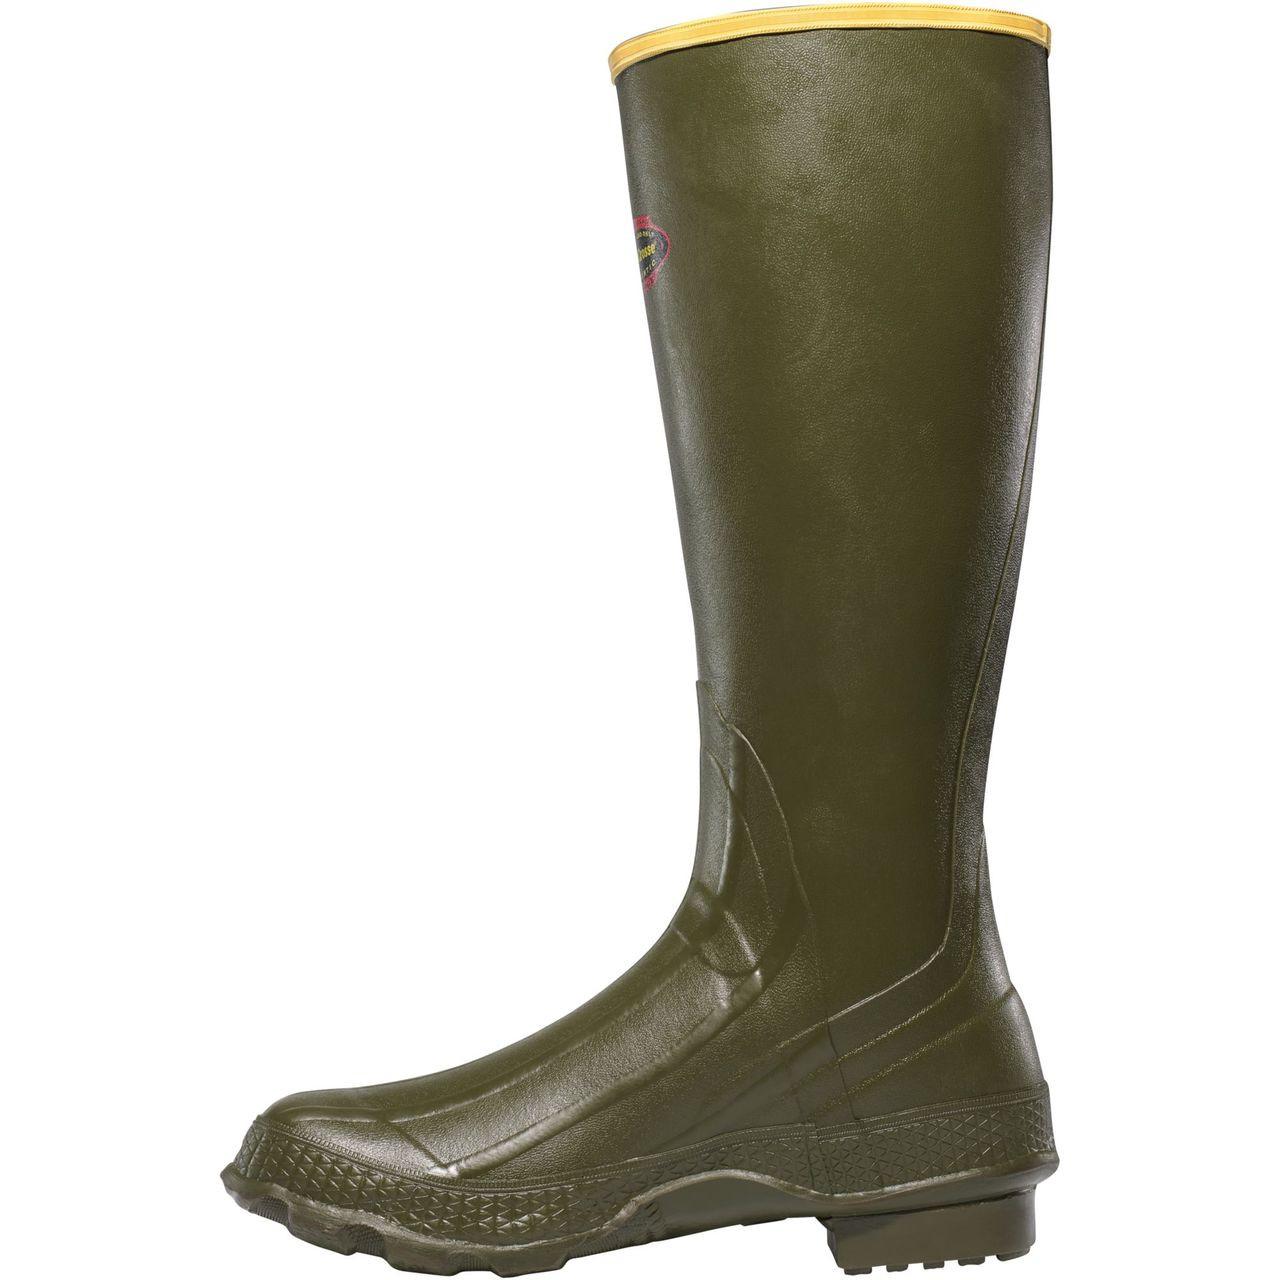 Lacrosse - Non-insulated Grange Boots- 7160